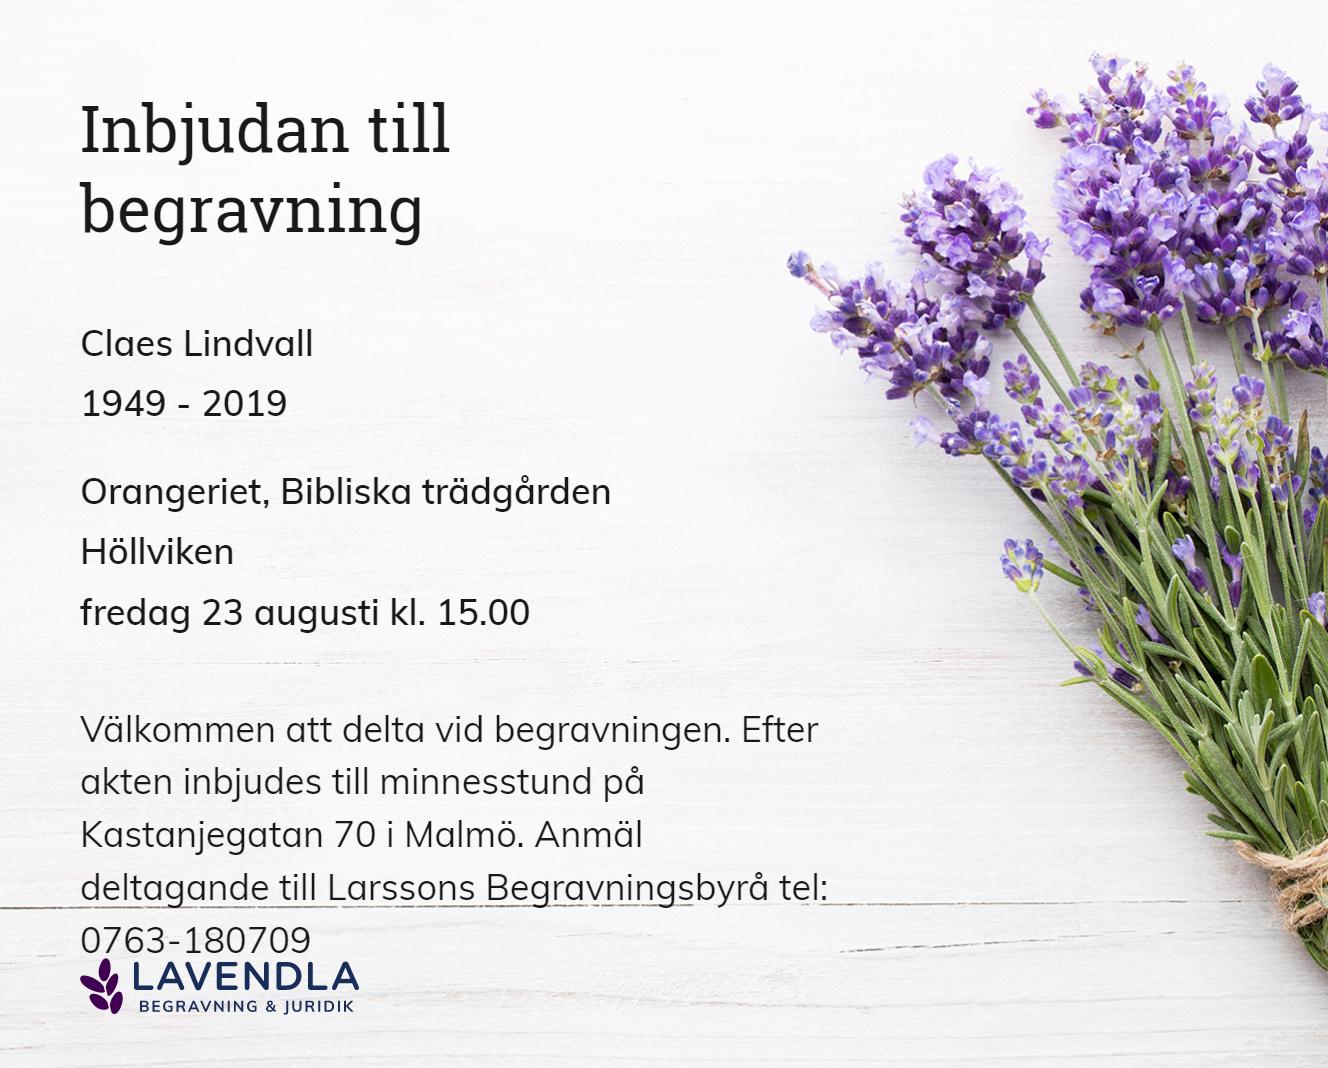 Inbjudningskort till ceremonin för Claes Lindvall